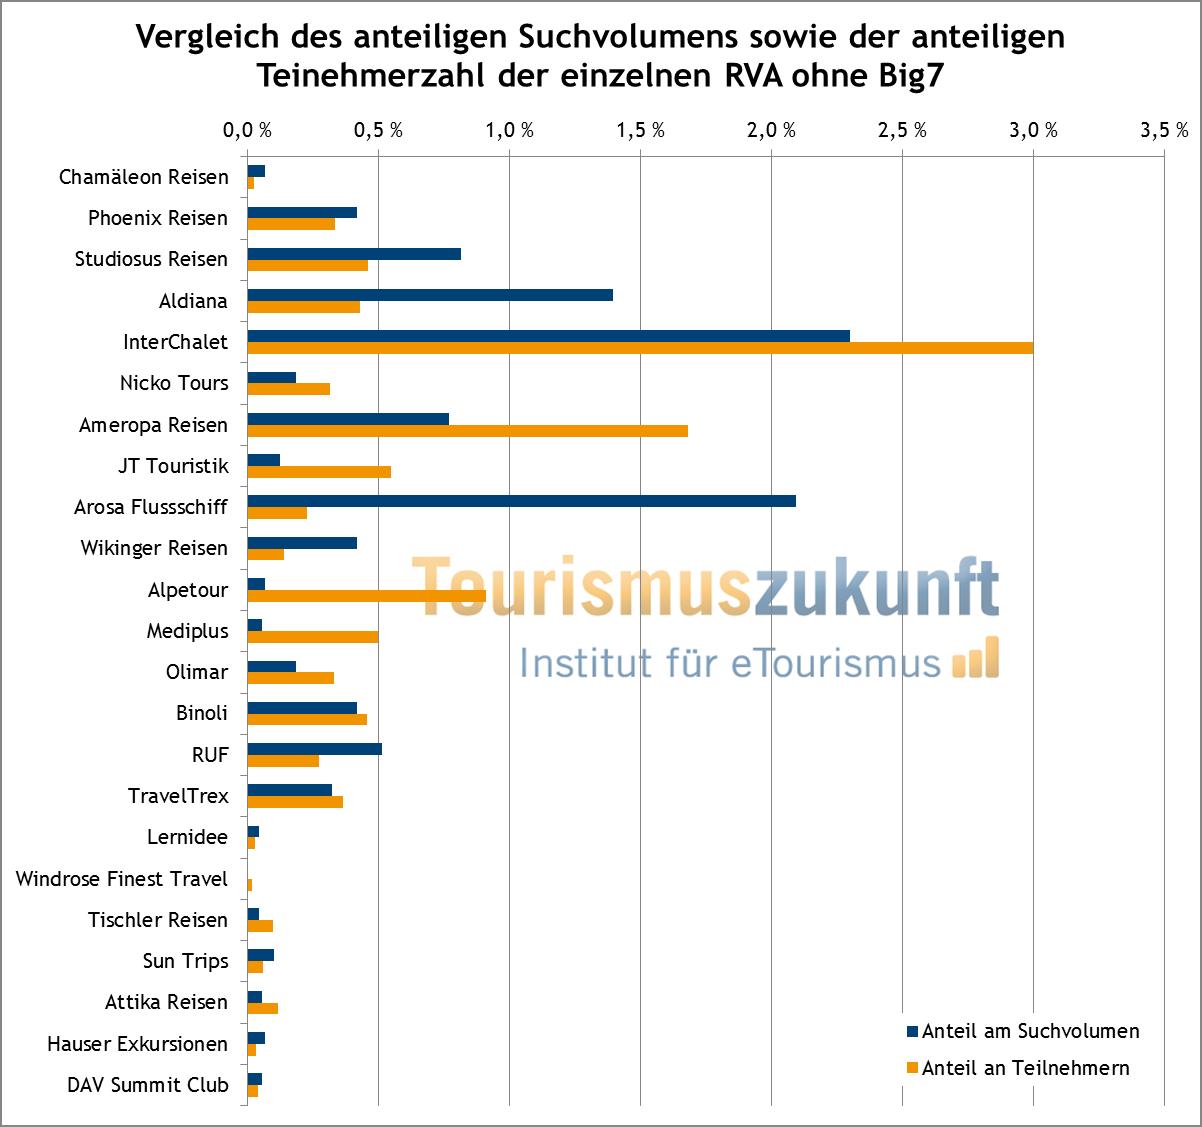 Vergleich Suchvolumen und Teilnehmern ohne Big7